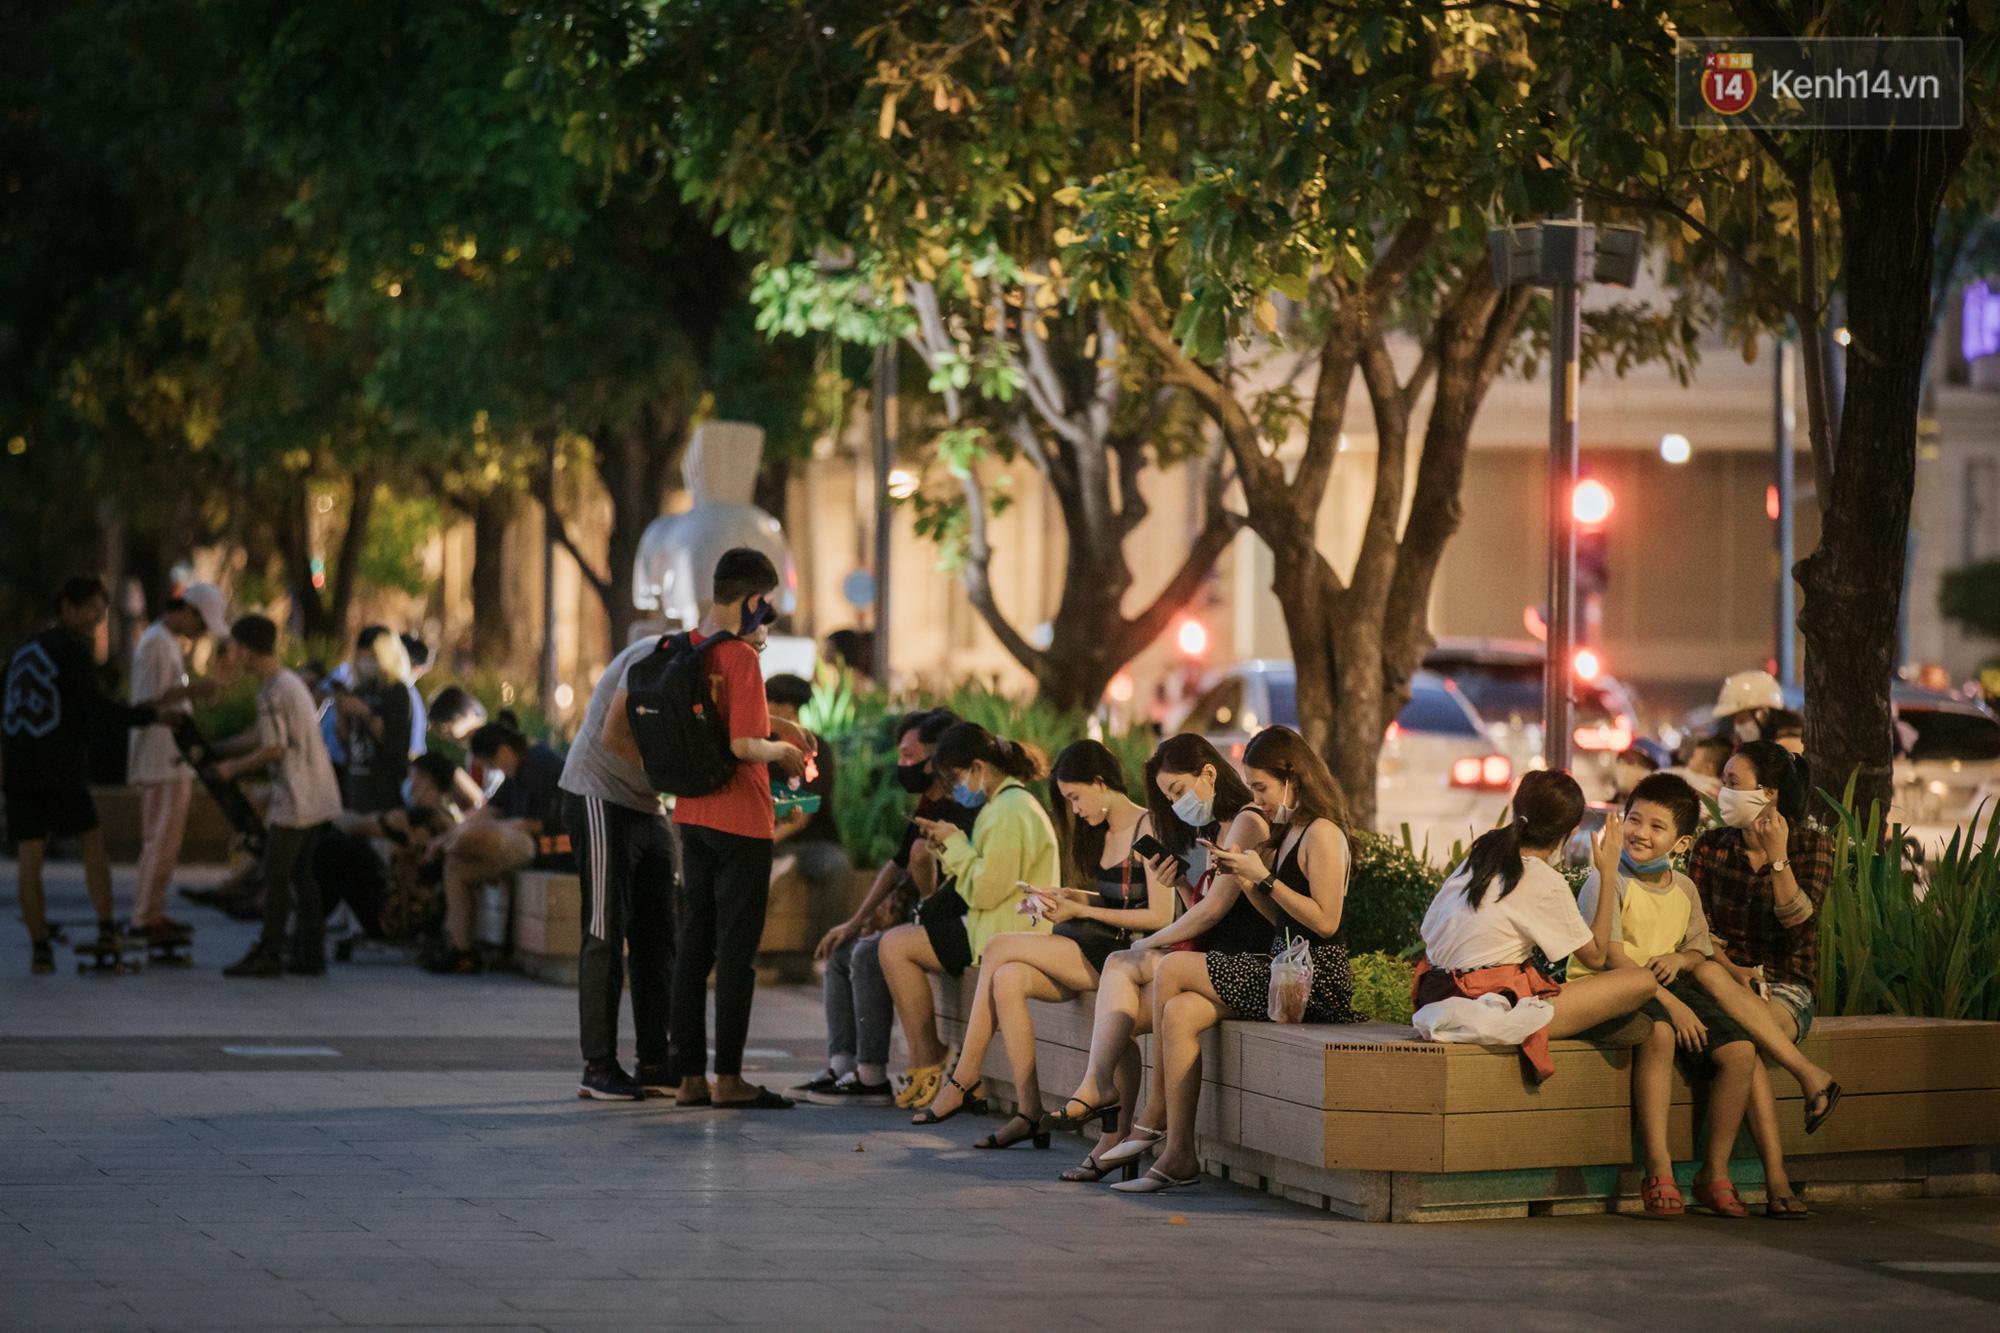 Sài Gòn nhộn nhịp trong buổi tối nghỉ lễ đầu tiên: Khu vực trung tâm dần trở nên đông đúc, nhiều người lo sợ vẫn 'kè kè' chiếc khẩu trang bên mình Ảnh 8